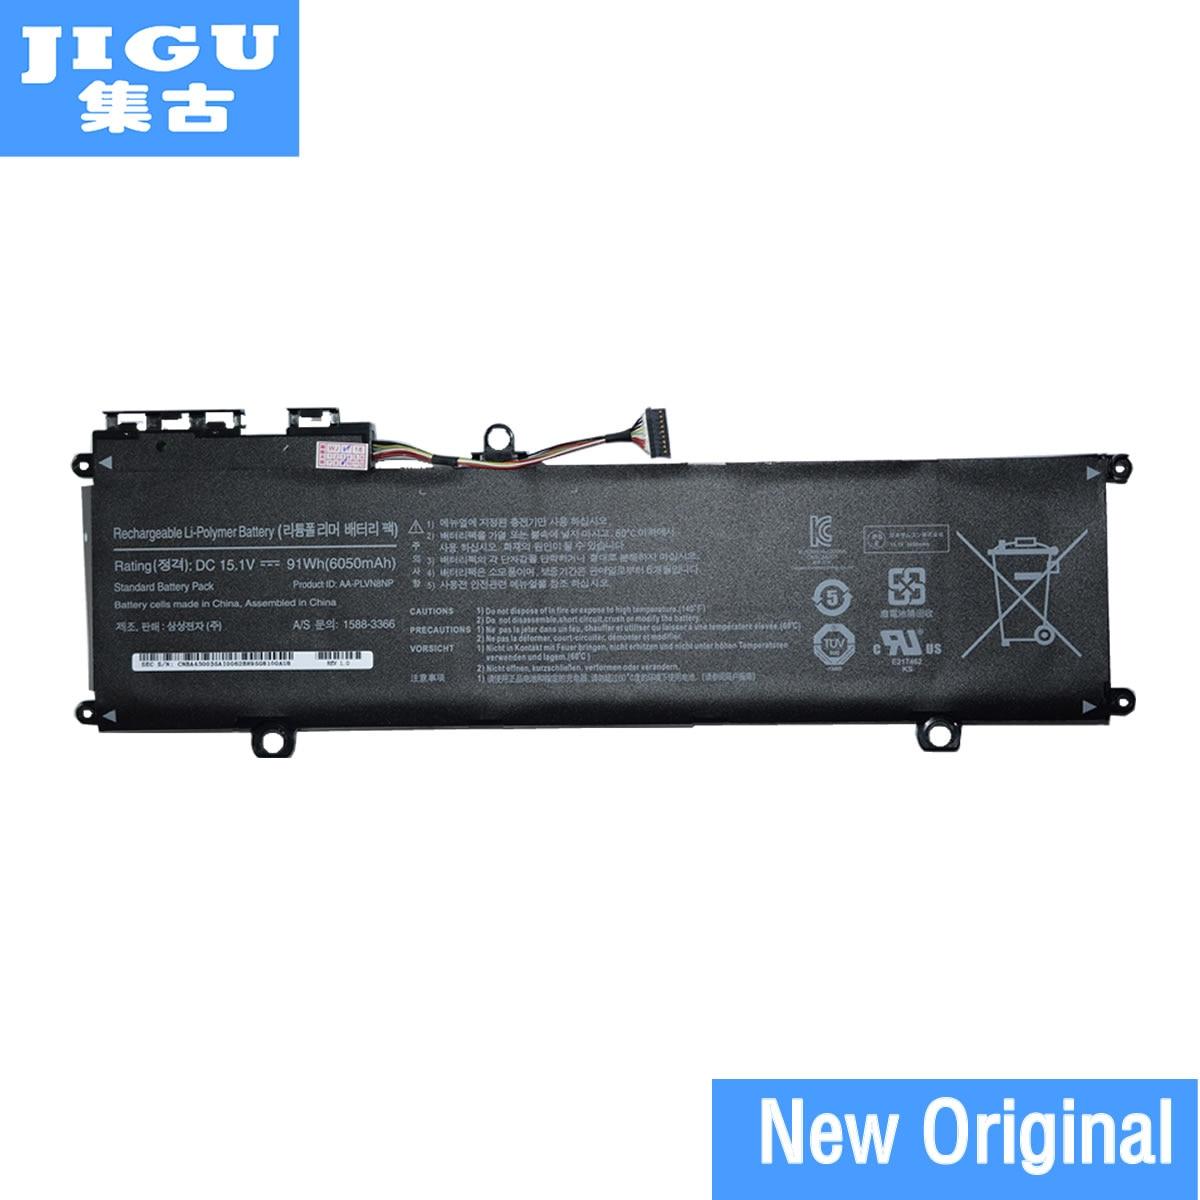 JIGU Original Laptop Battery AA-PLVN8NP FOR SAMSUNG NP780Z5E-S02CA NP780Z5E-TO2UK NP870Z5E-X01HU NP870Z5E-X01RU NP880Z5E